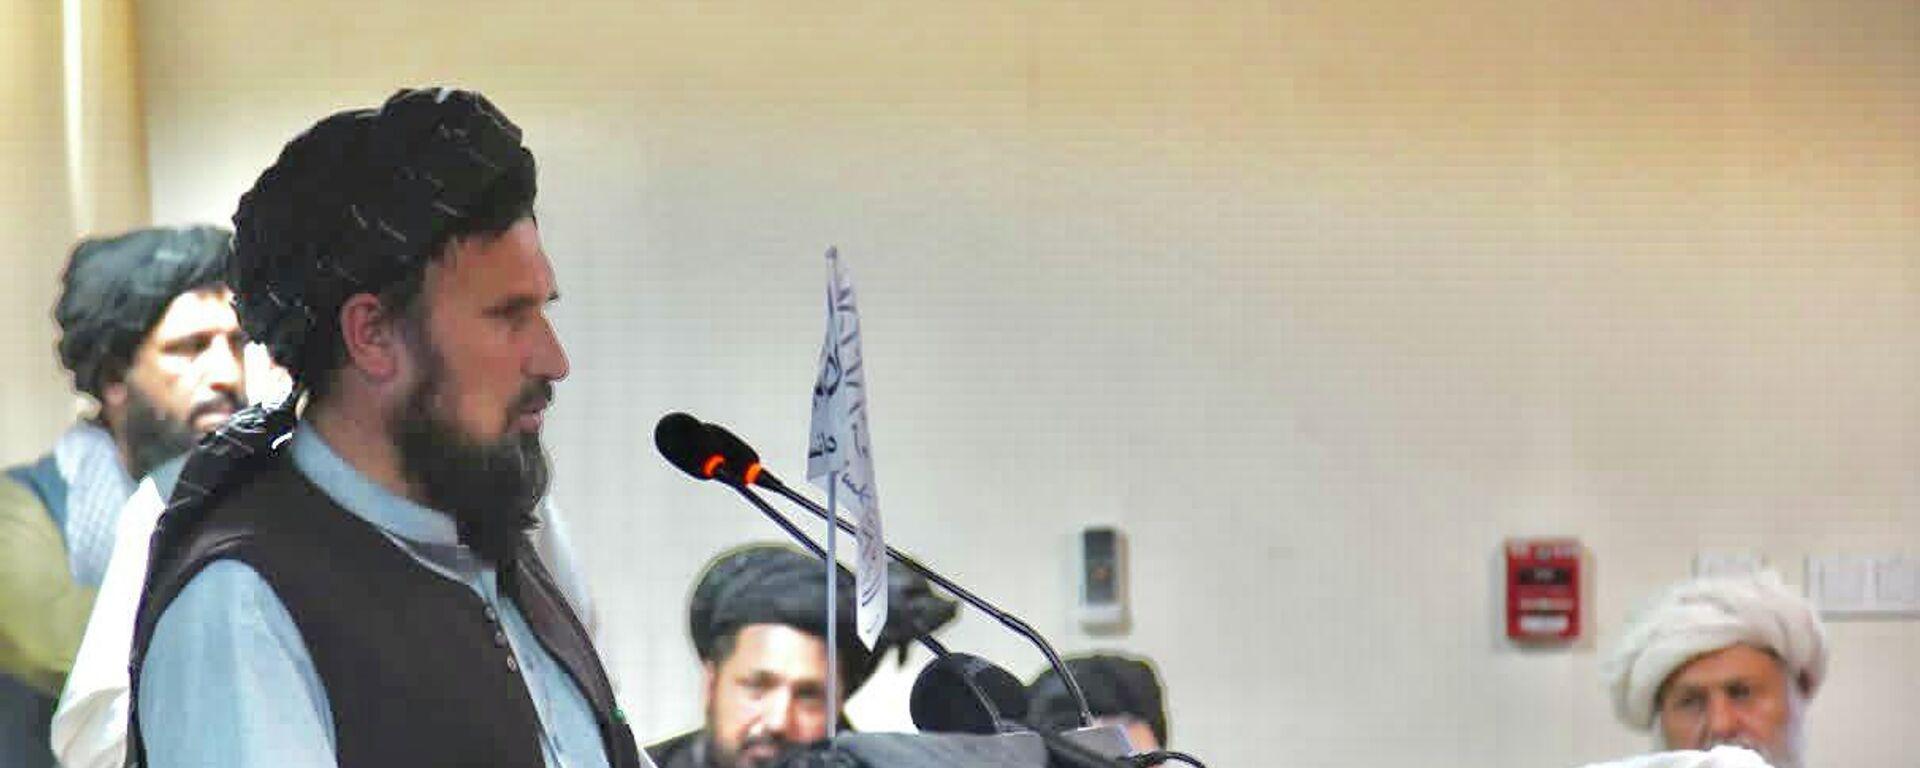 Глава Генштаба Исламского Эмирата Афганистан Кари Фасихуддина - Sputnik Тоҷикистон, 1920, 15.09.2021